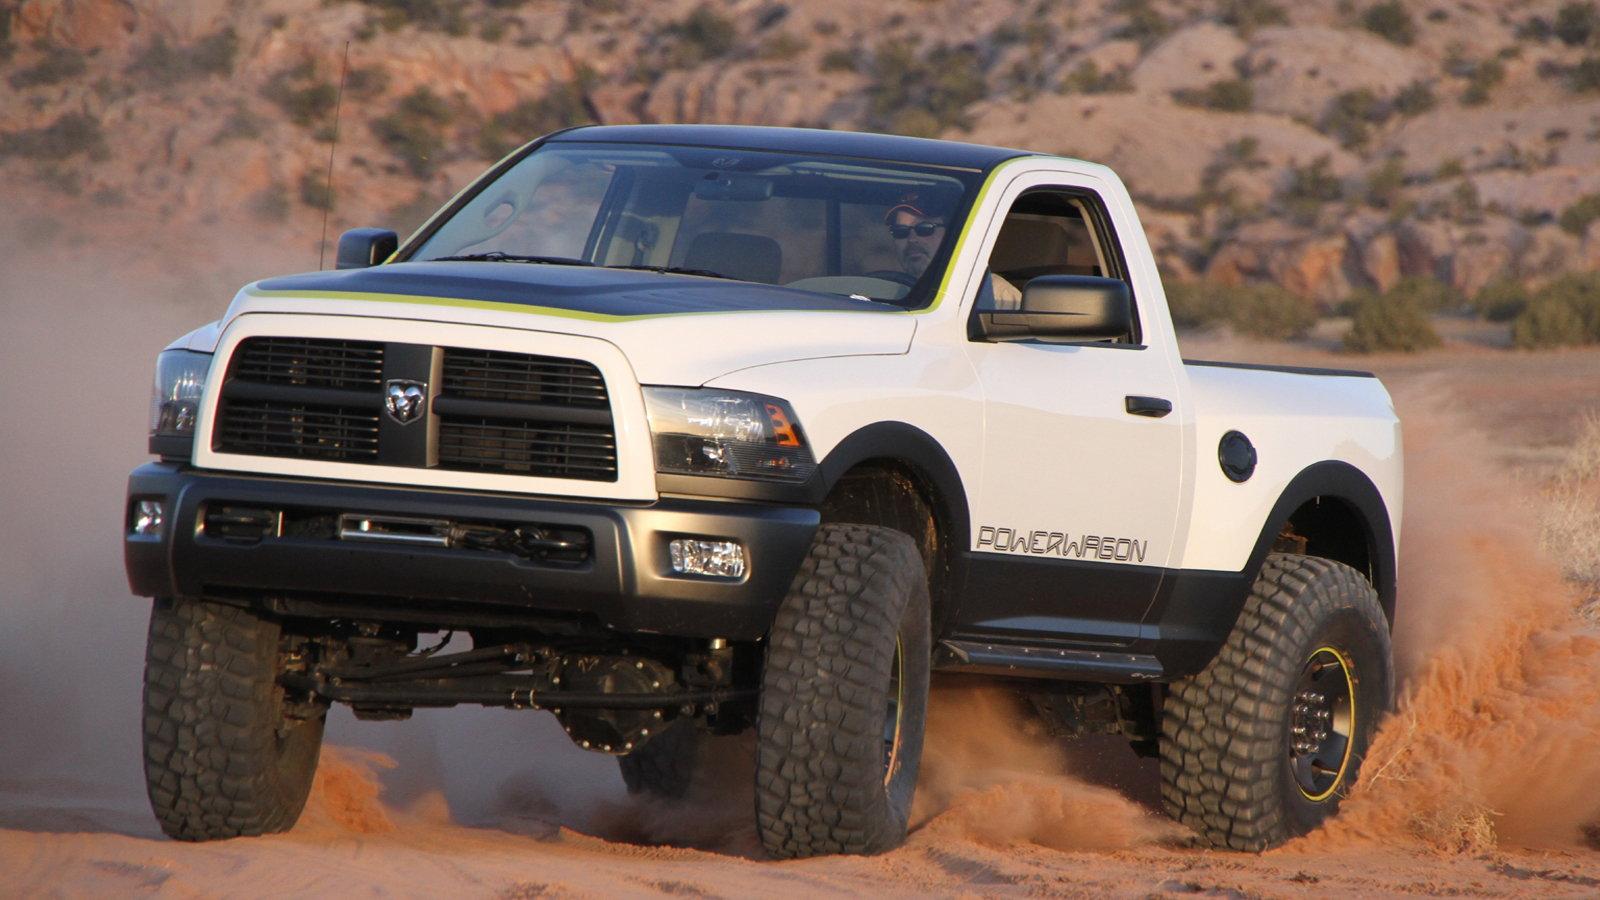 Dodge Ram Mods for Better MPG